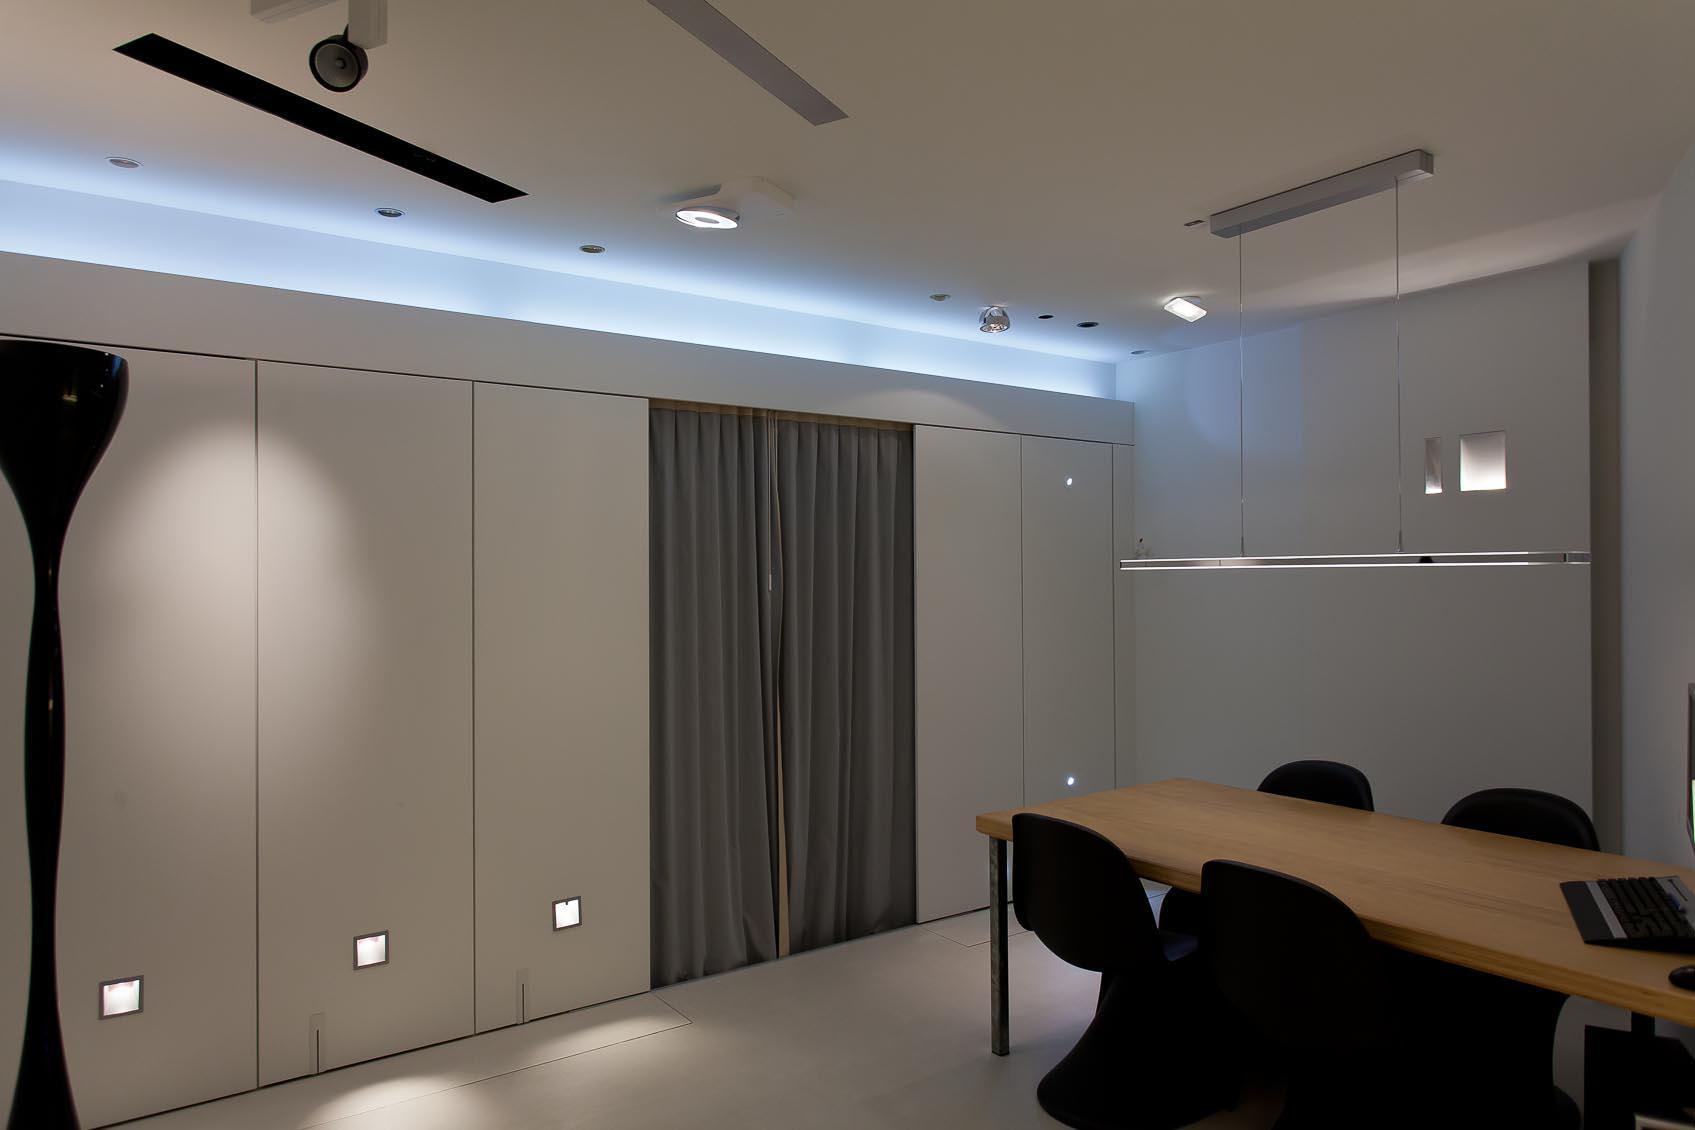 Beleef interieurverlichting in onze design lichtstudio